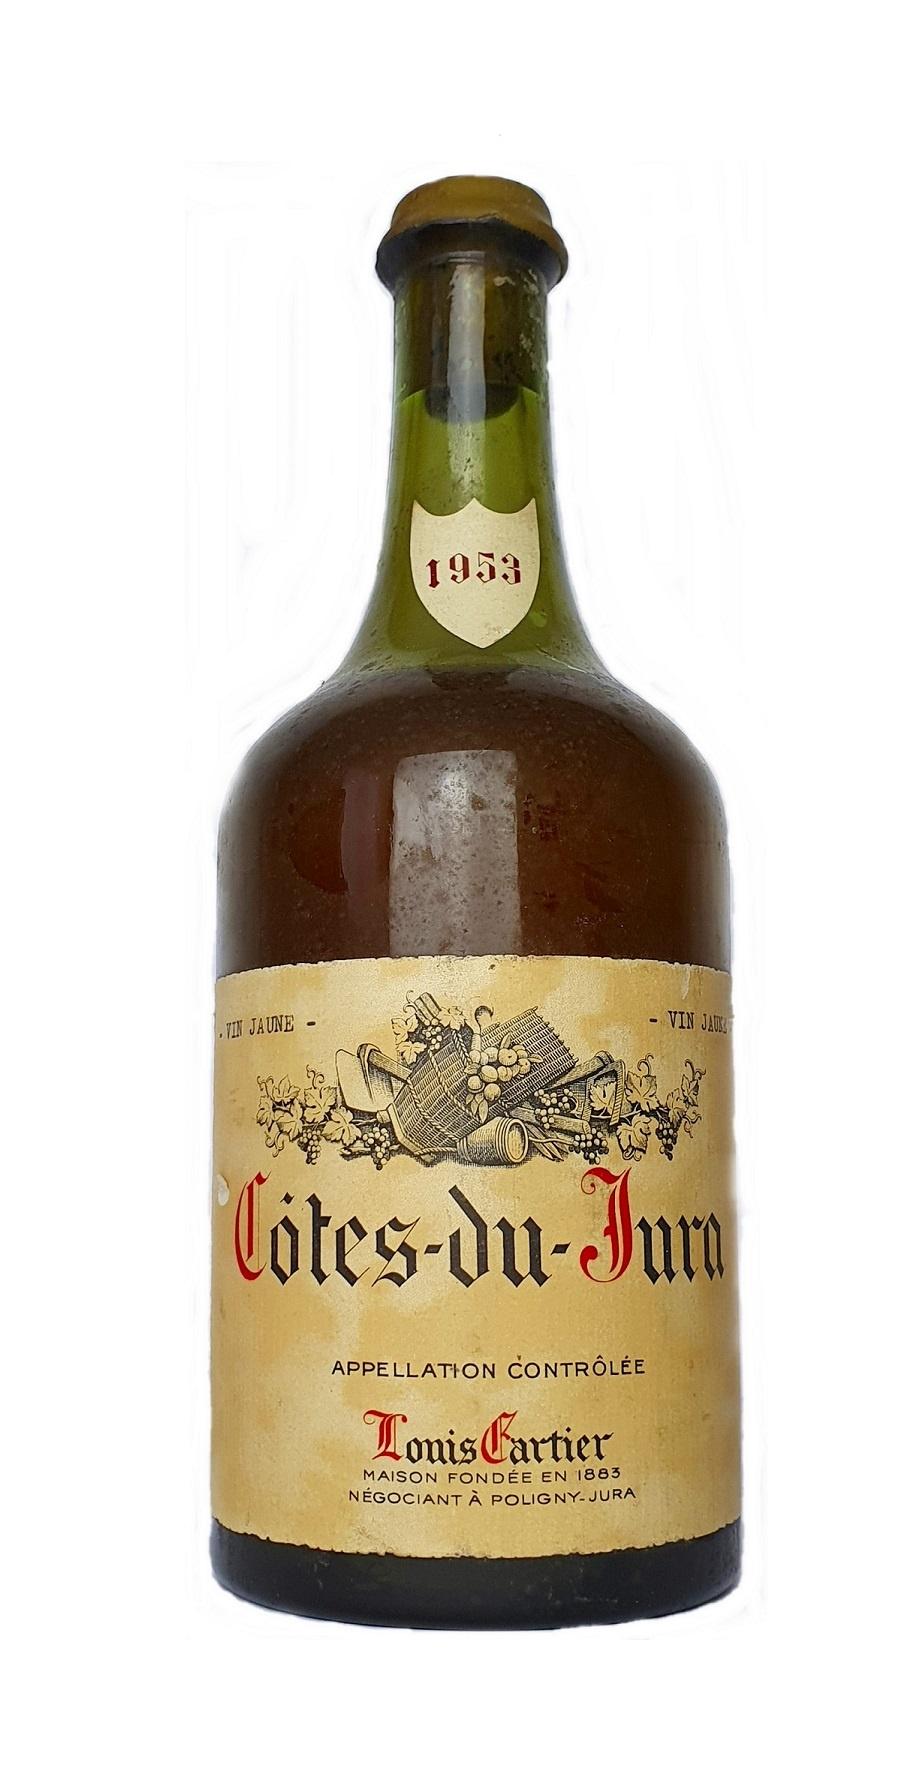 Frankreich Diverse 1953 Vin Jaune Côtes du Jura, Louis Cartier 0,65L